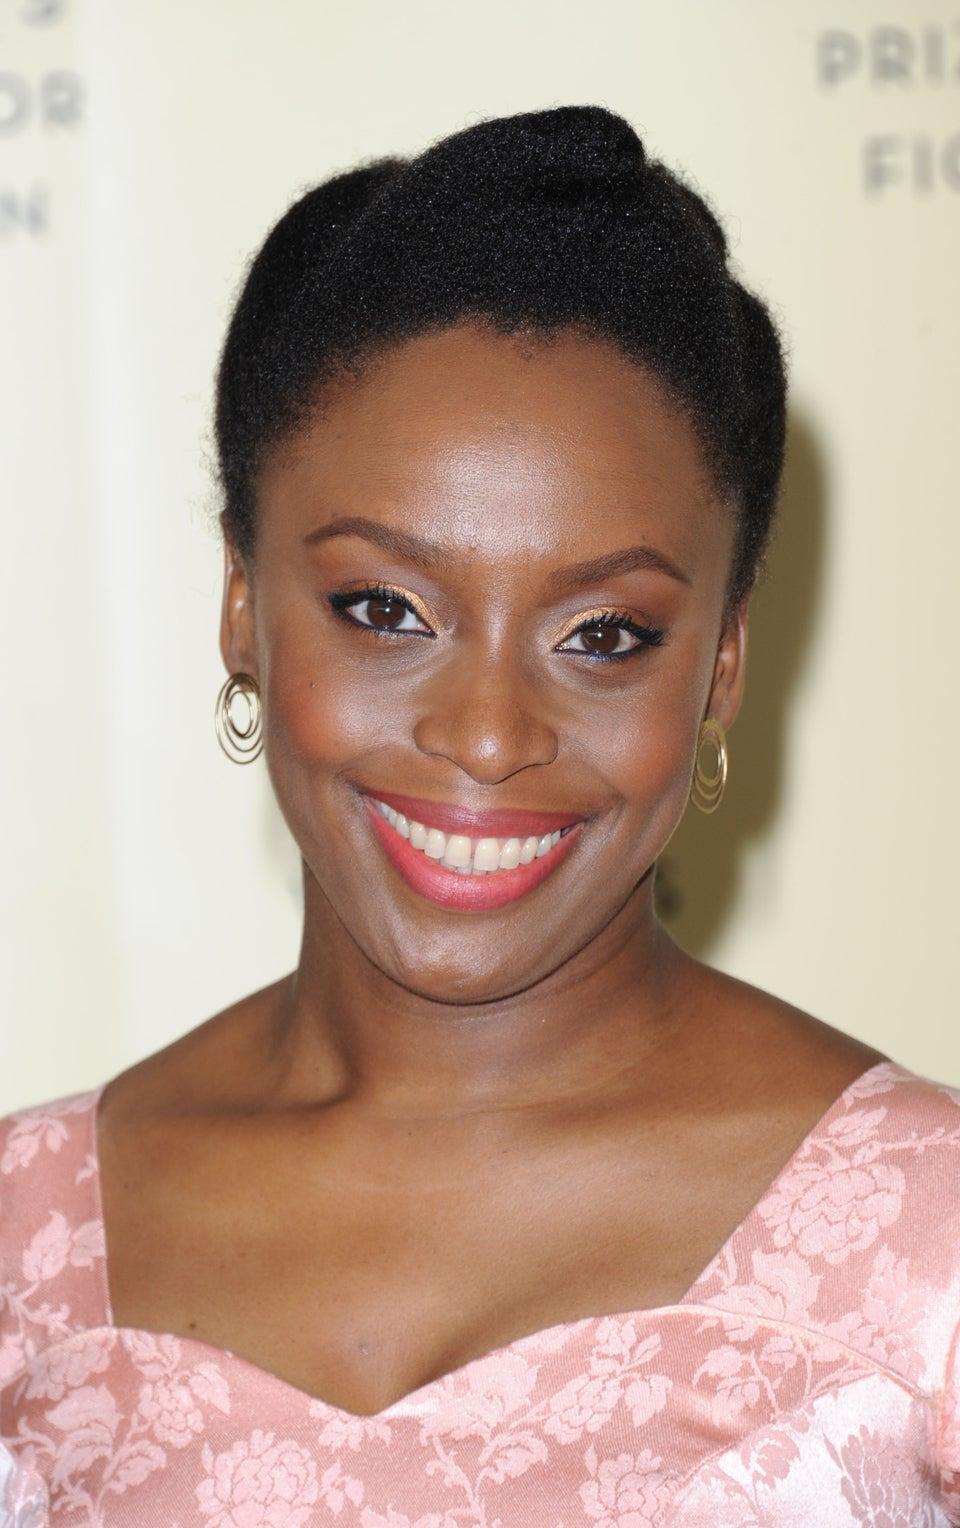 Chimamanda Ngozi Adichie Drops 'Feminist Manifesto' On How To Raise A Child